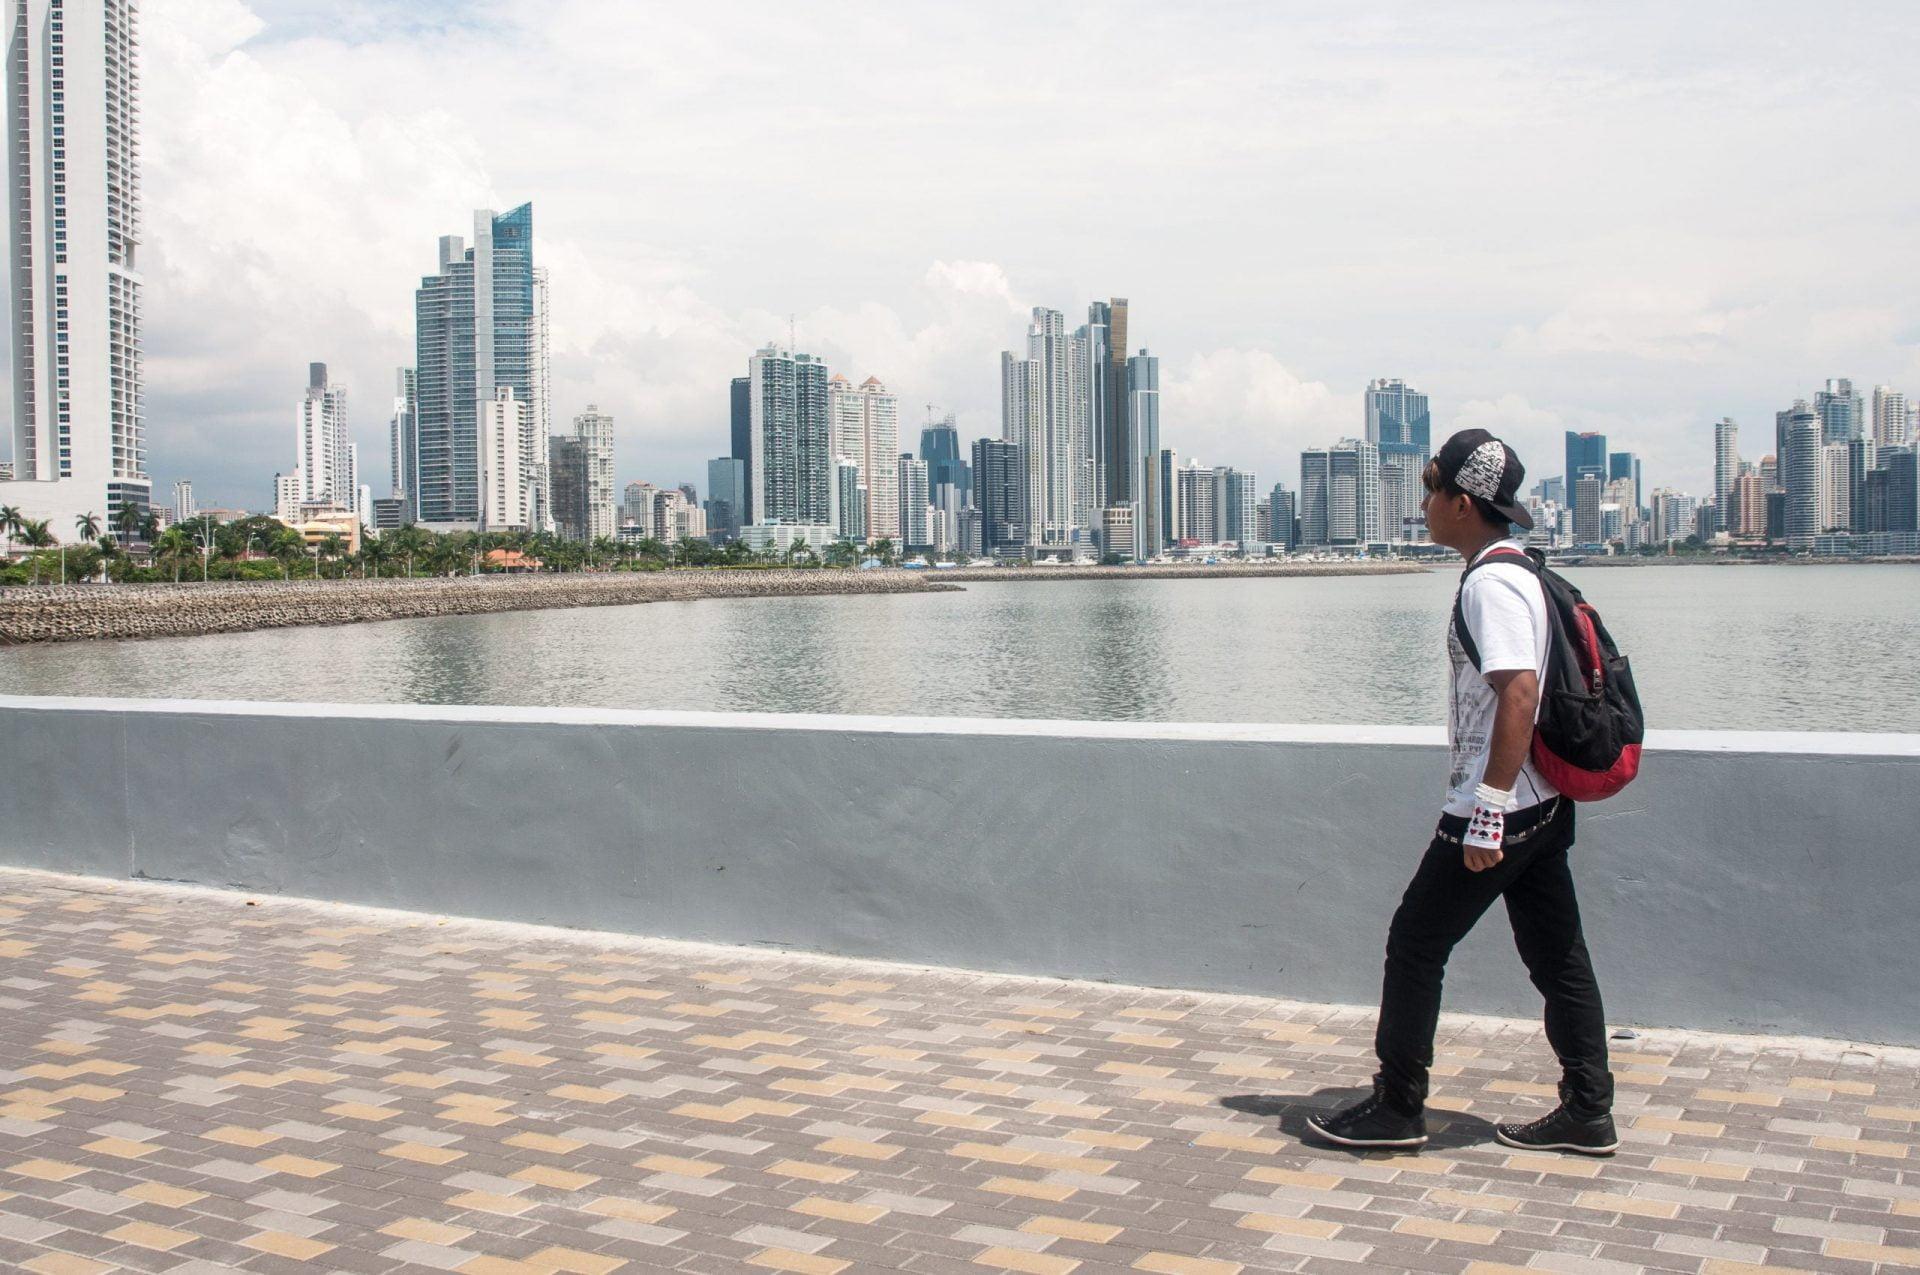 Panama city 3 scaled - Les globe blogueurs - blog voyage nature